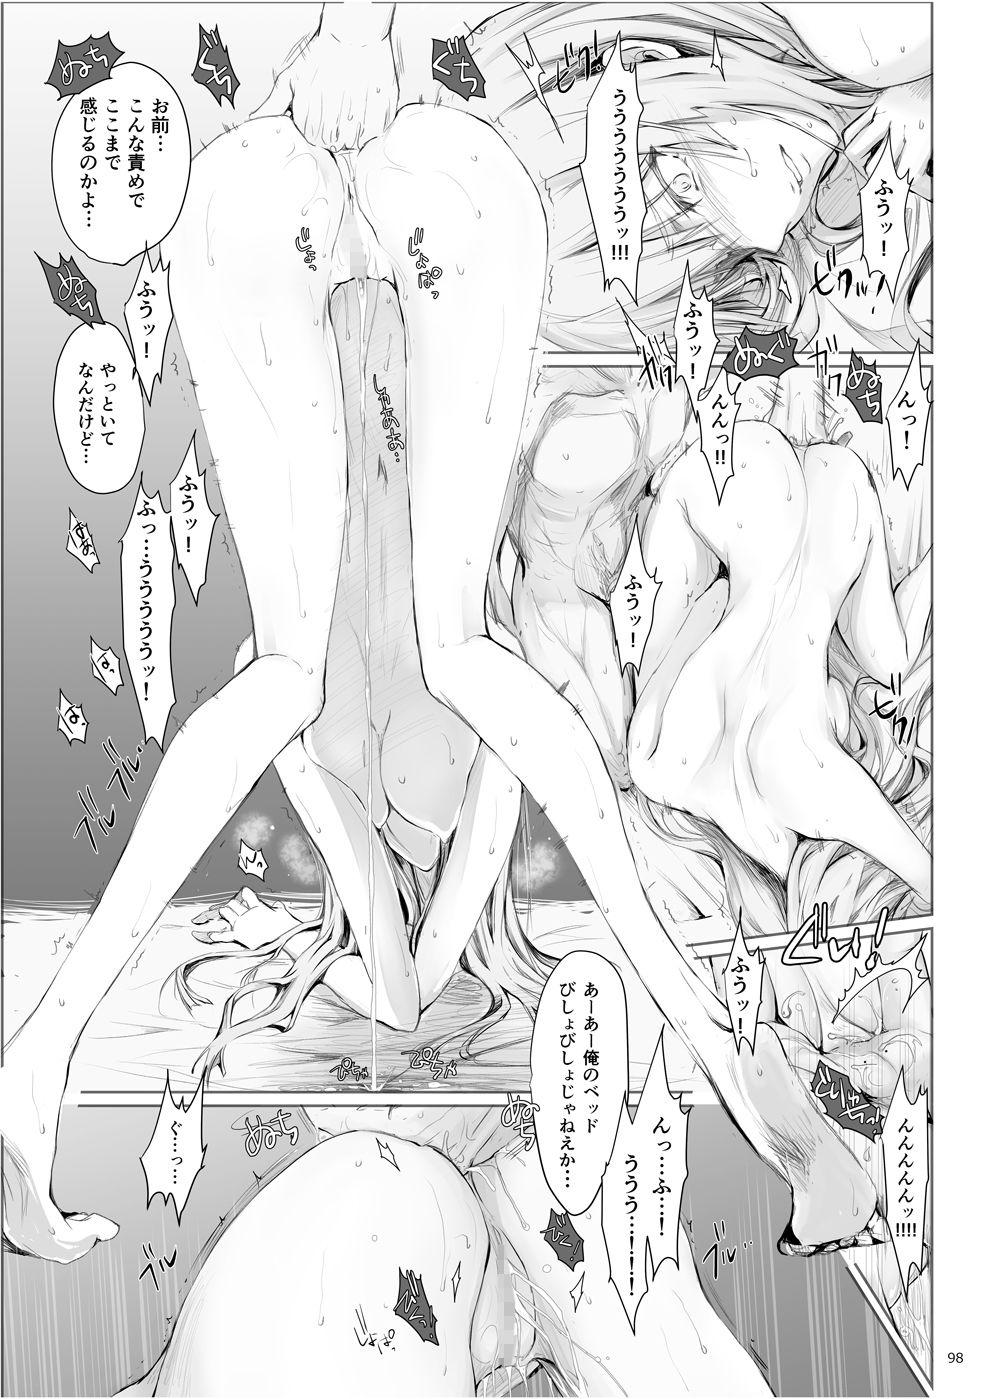 FUROHILE 自宅の風呂に入ると先に知らない裸の女が入ってる